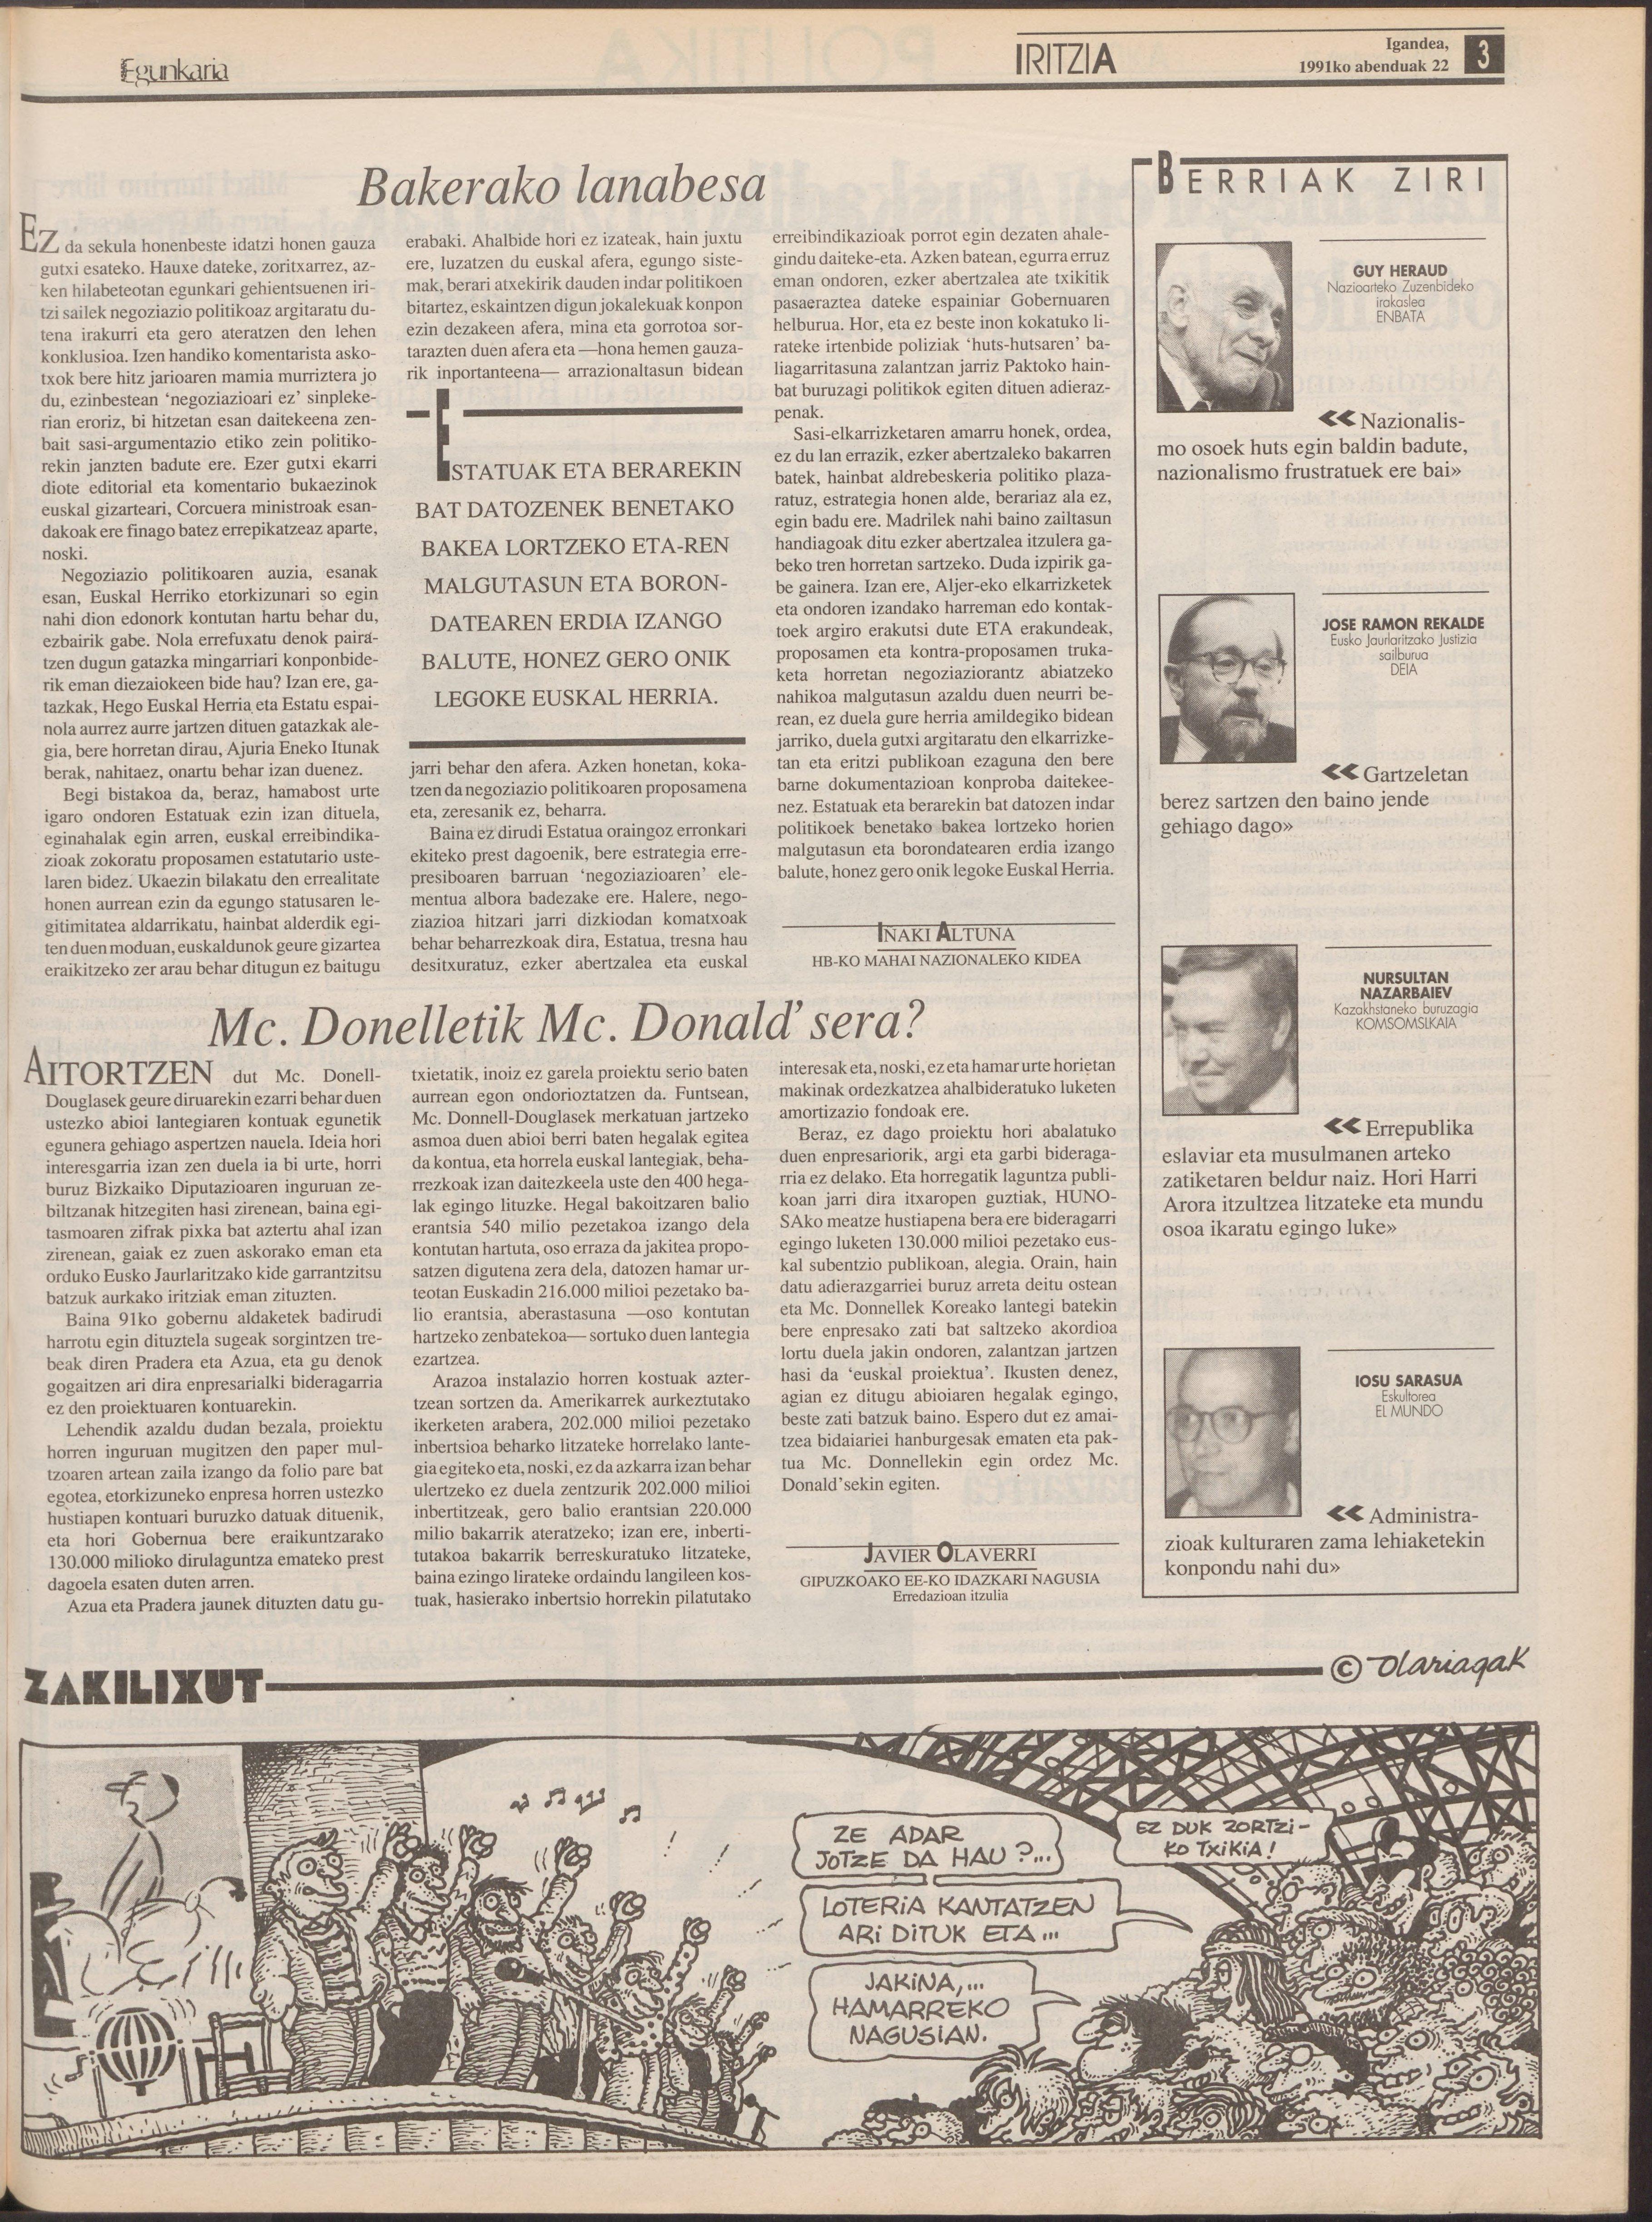 1991ko abenduak 22, 03. orrialdea